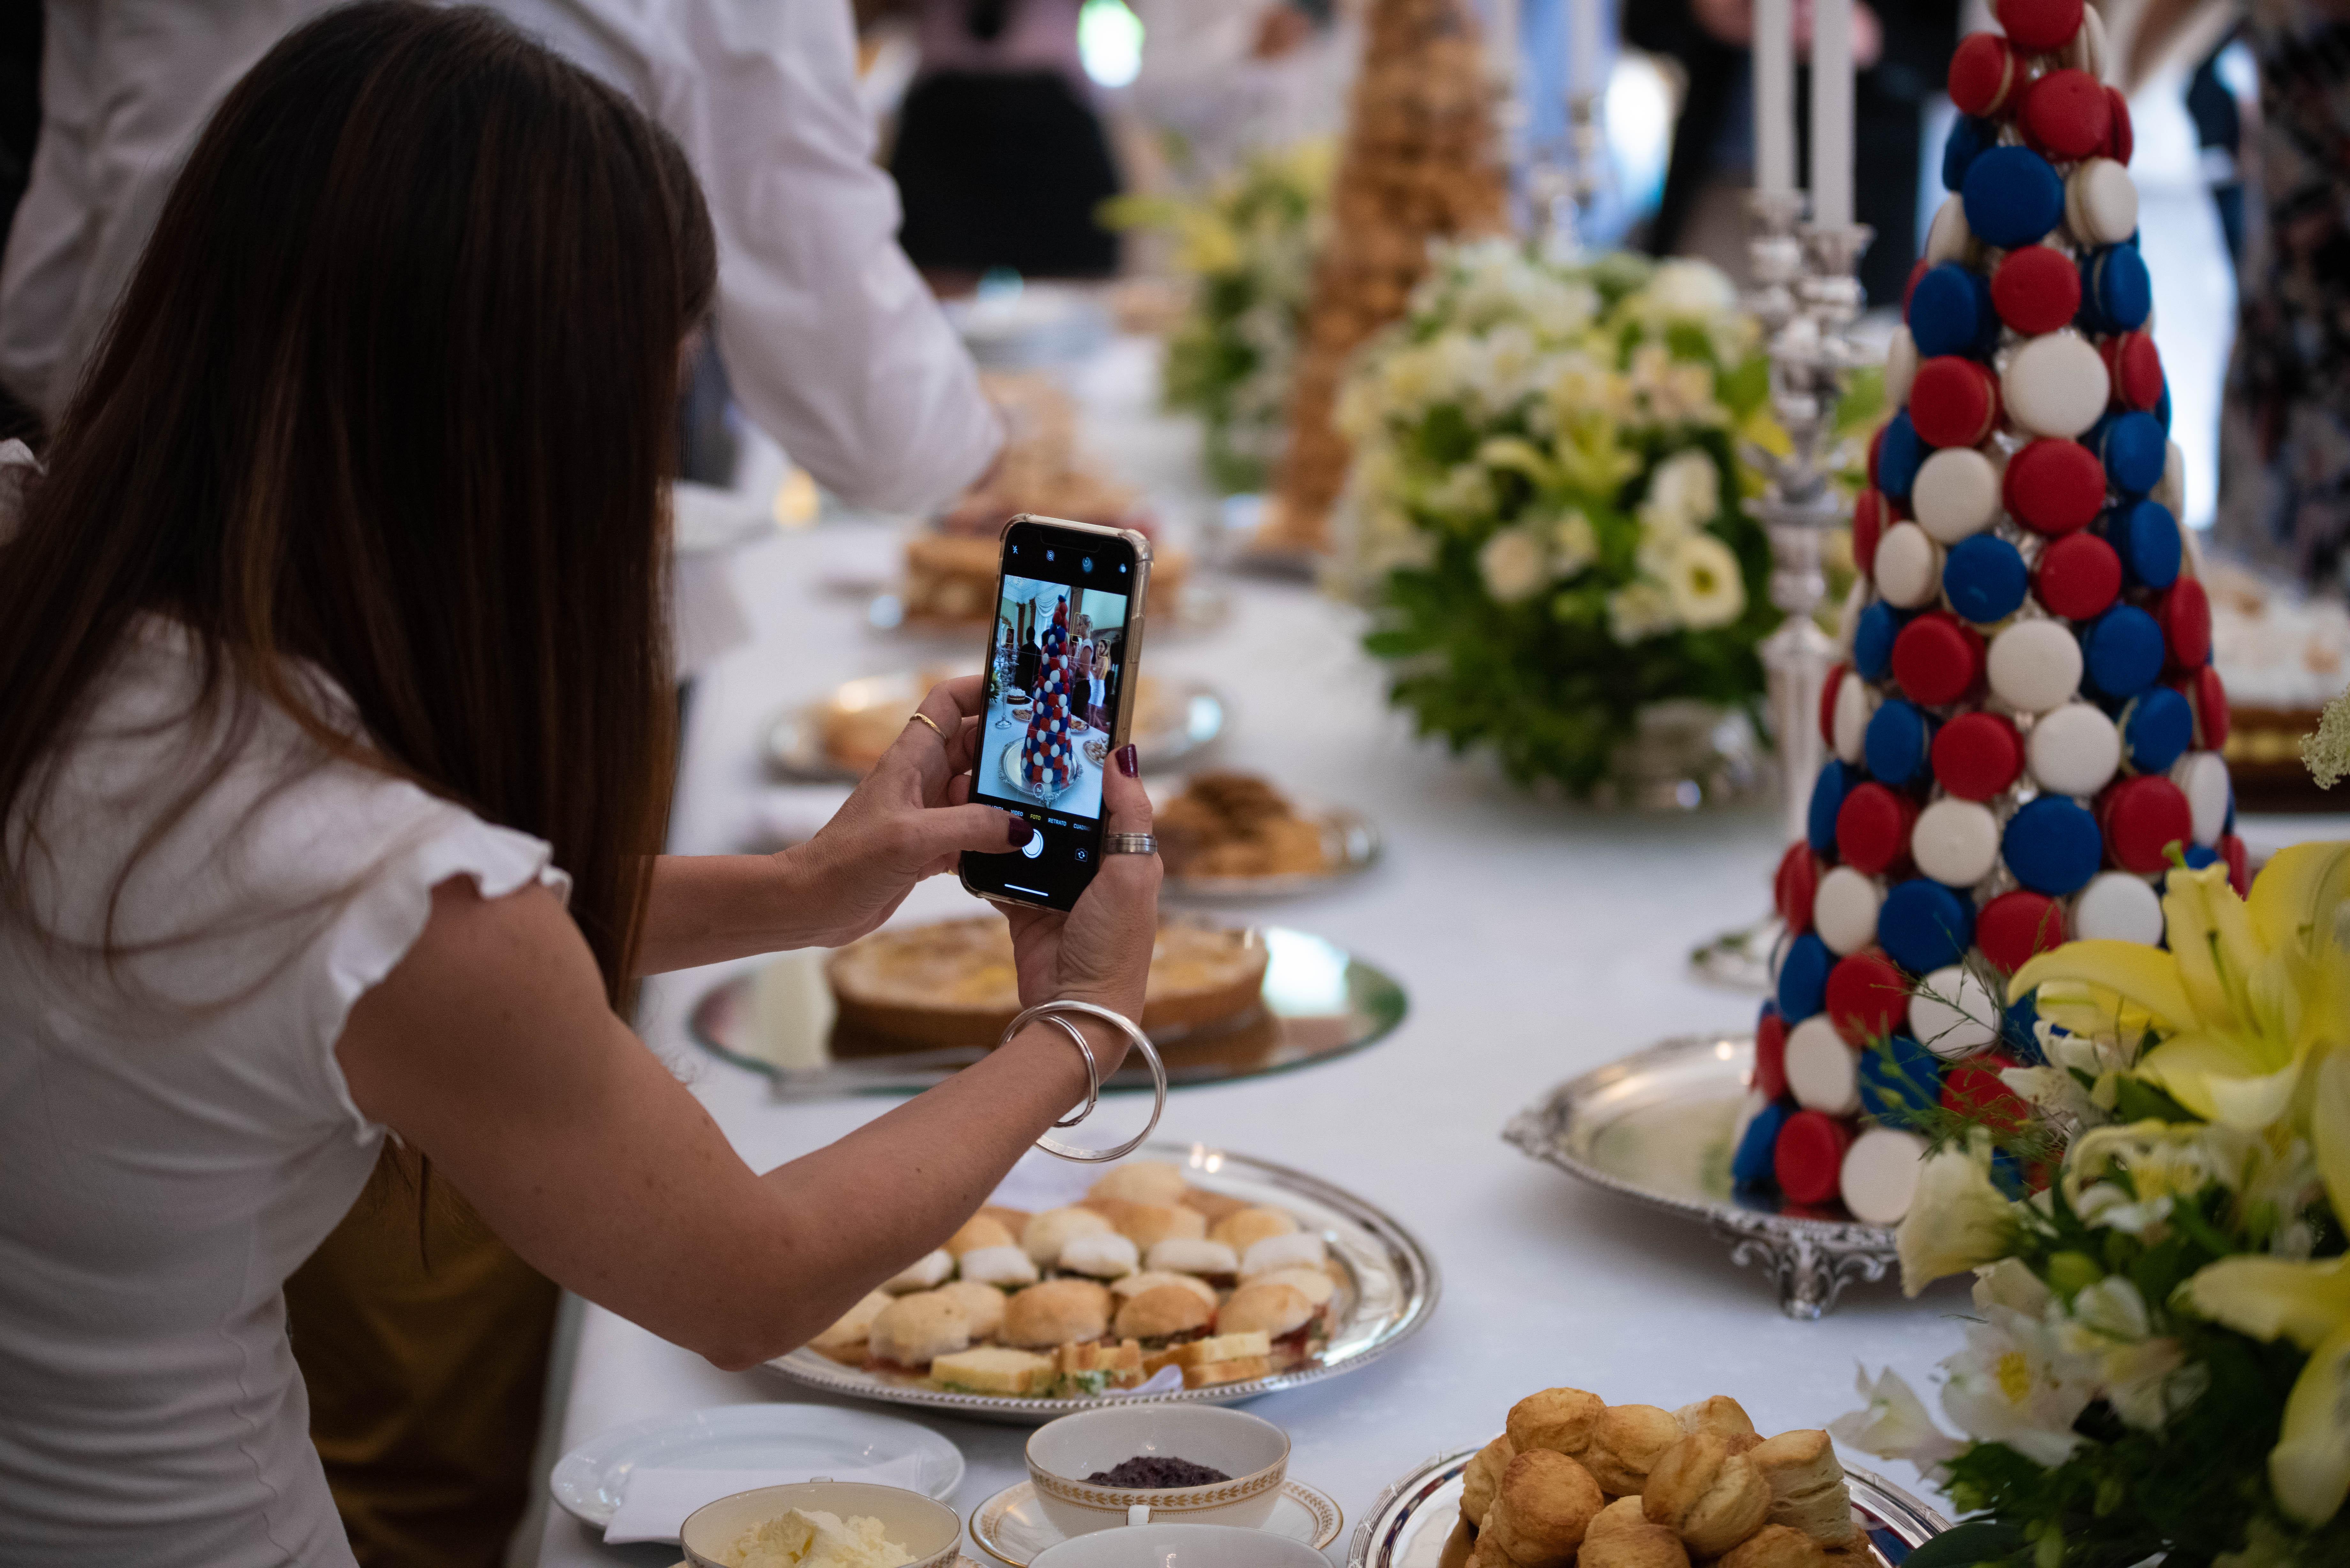 Los participantes usaron sus celulares para tomar fotografías de cada uno de los detalles durante la ceremonia del té, especialmente pensados por la embajada británica